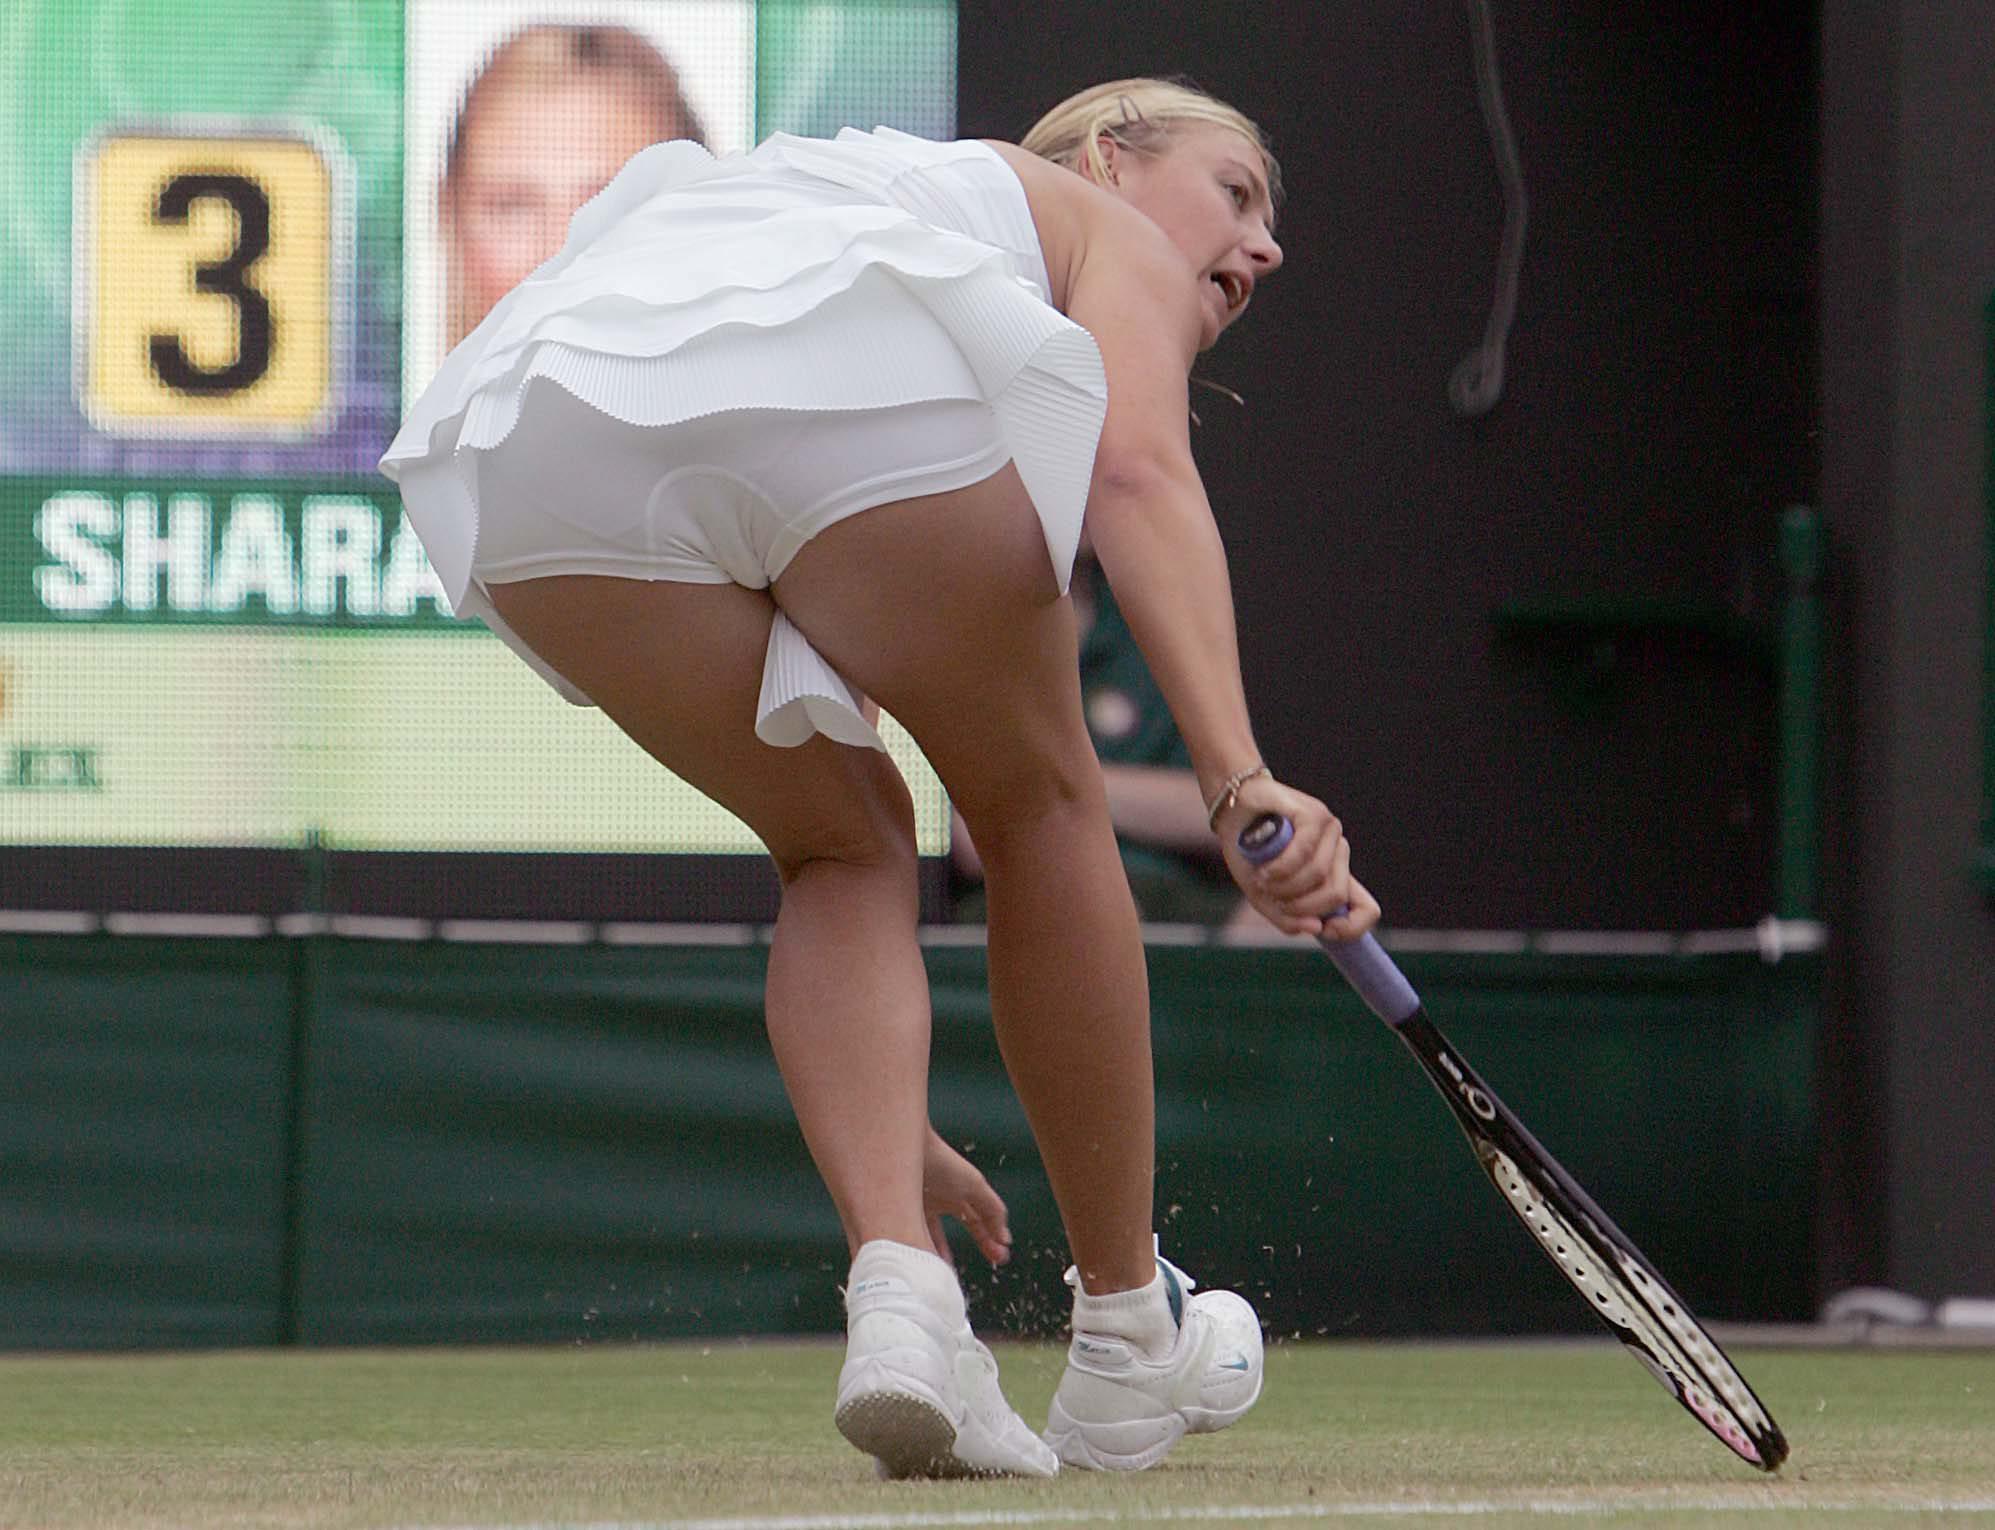 Теннис и порно онлайн